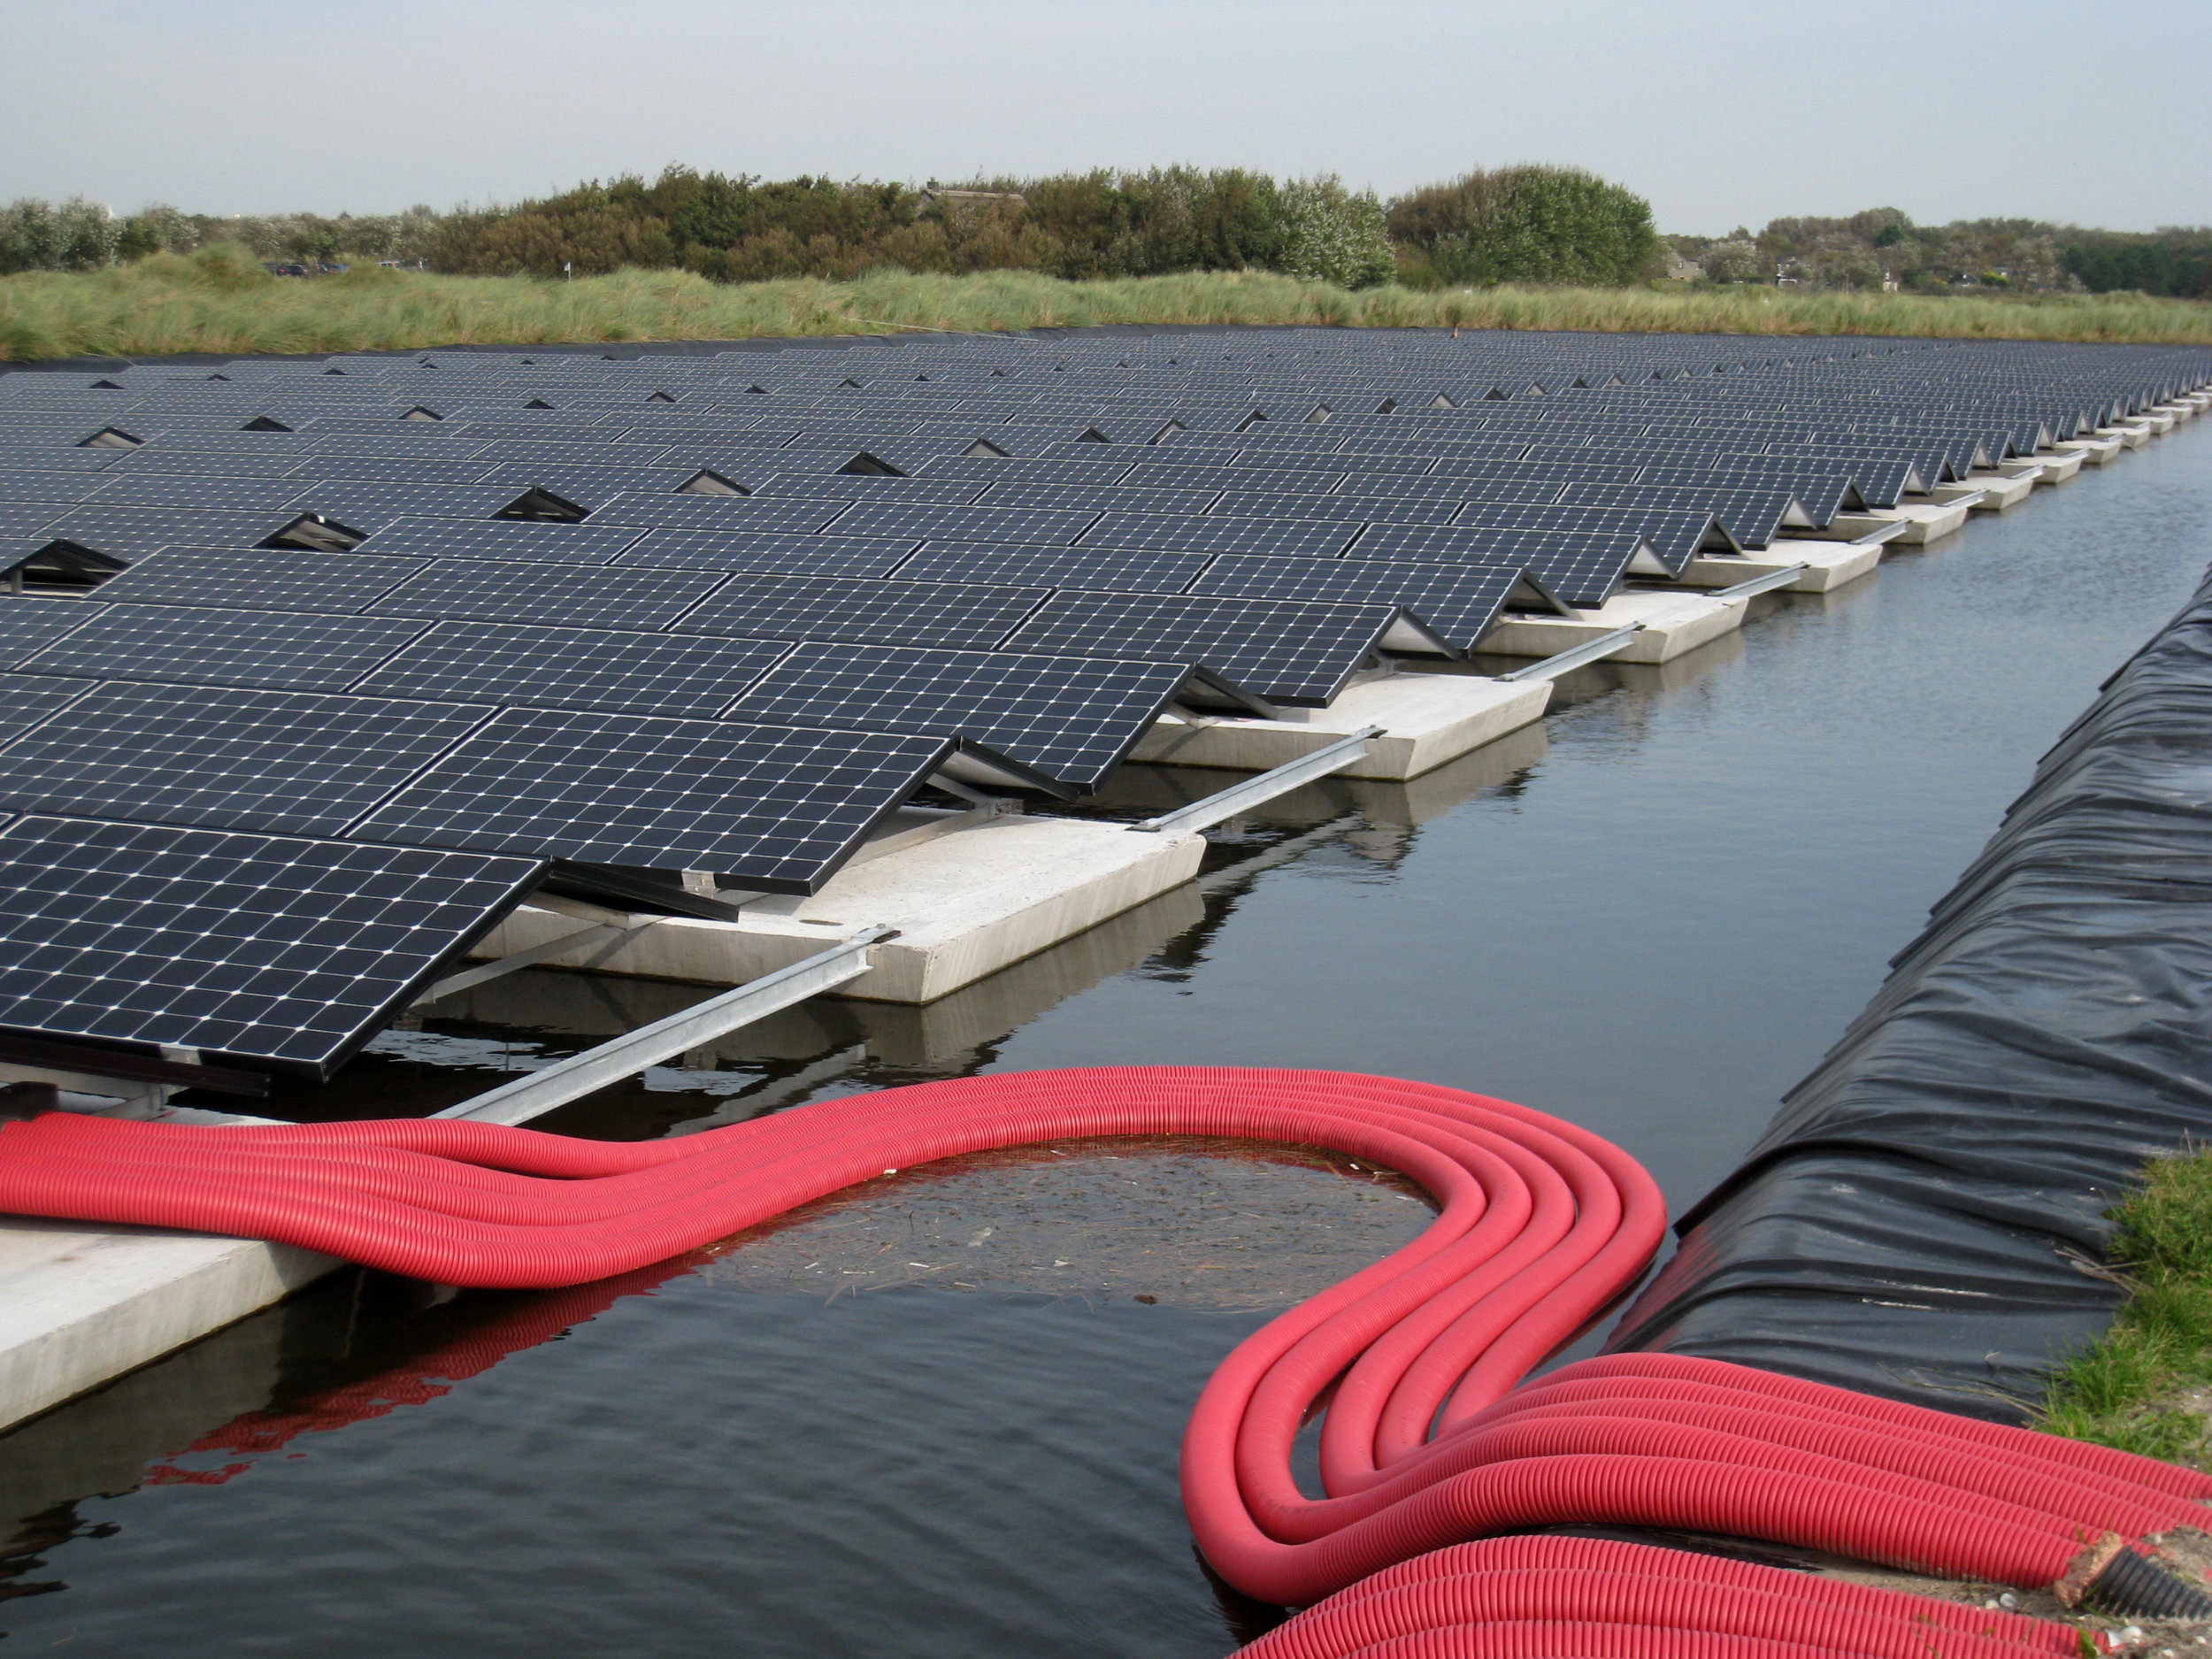 Floating-solar-pv-system-netherlands-nederland-texel-09.JPG